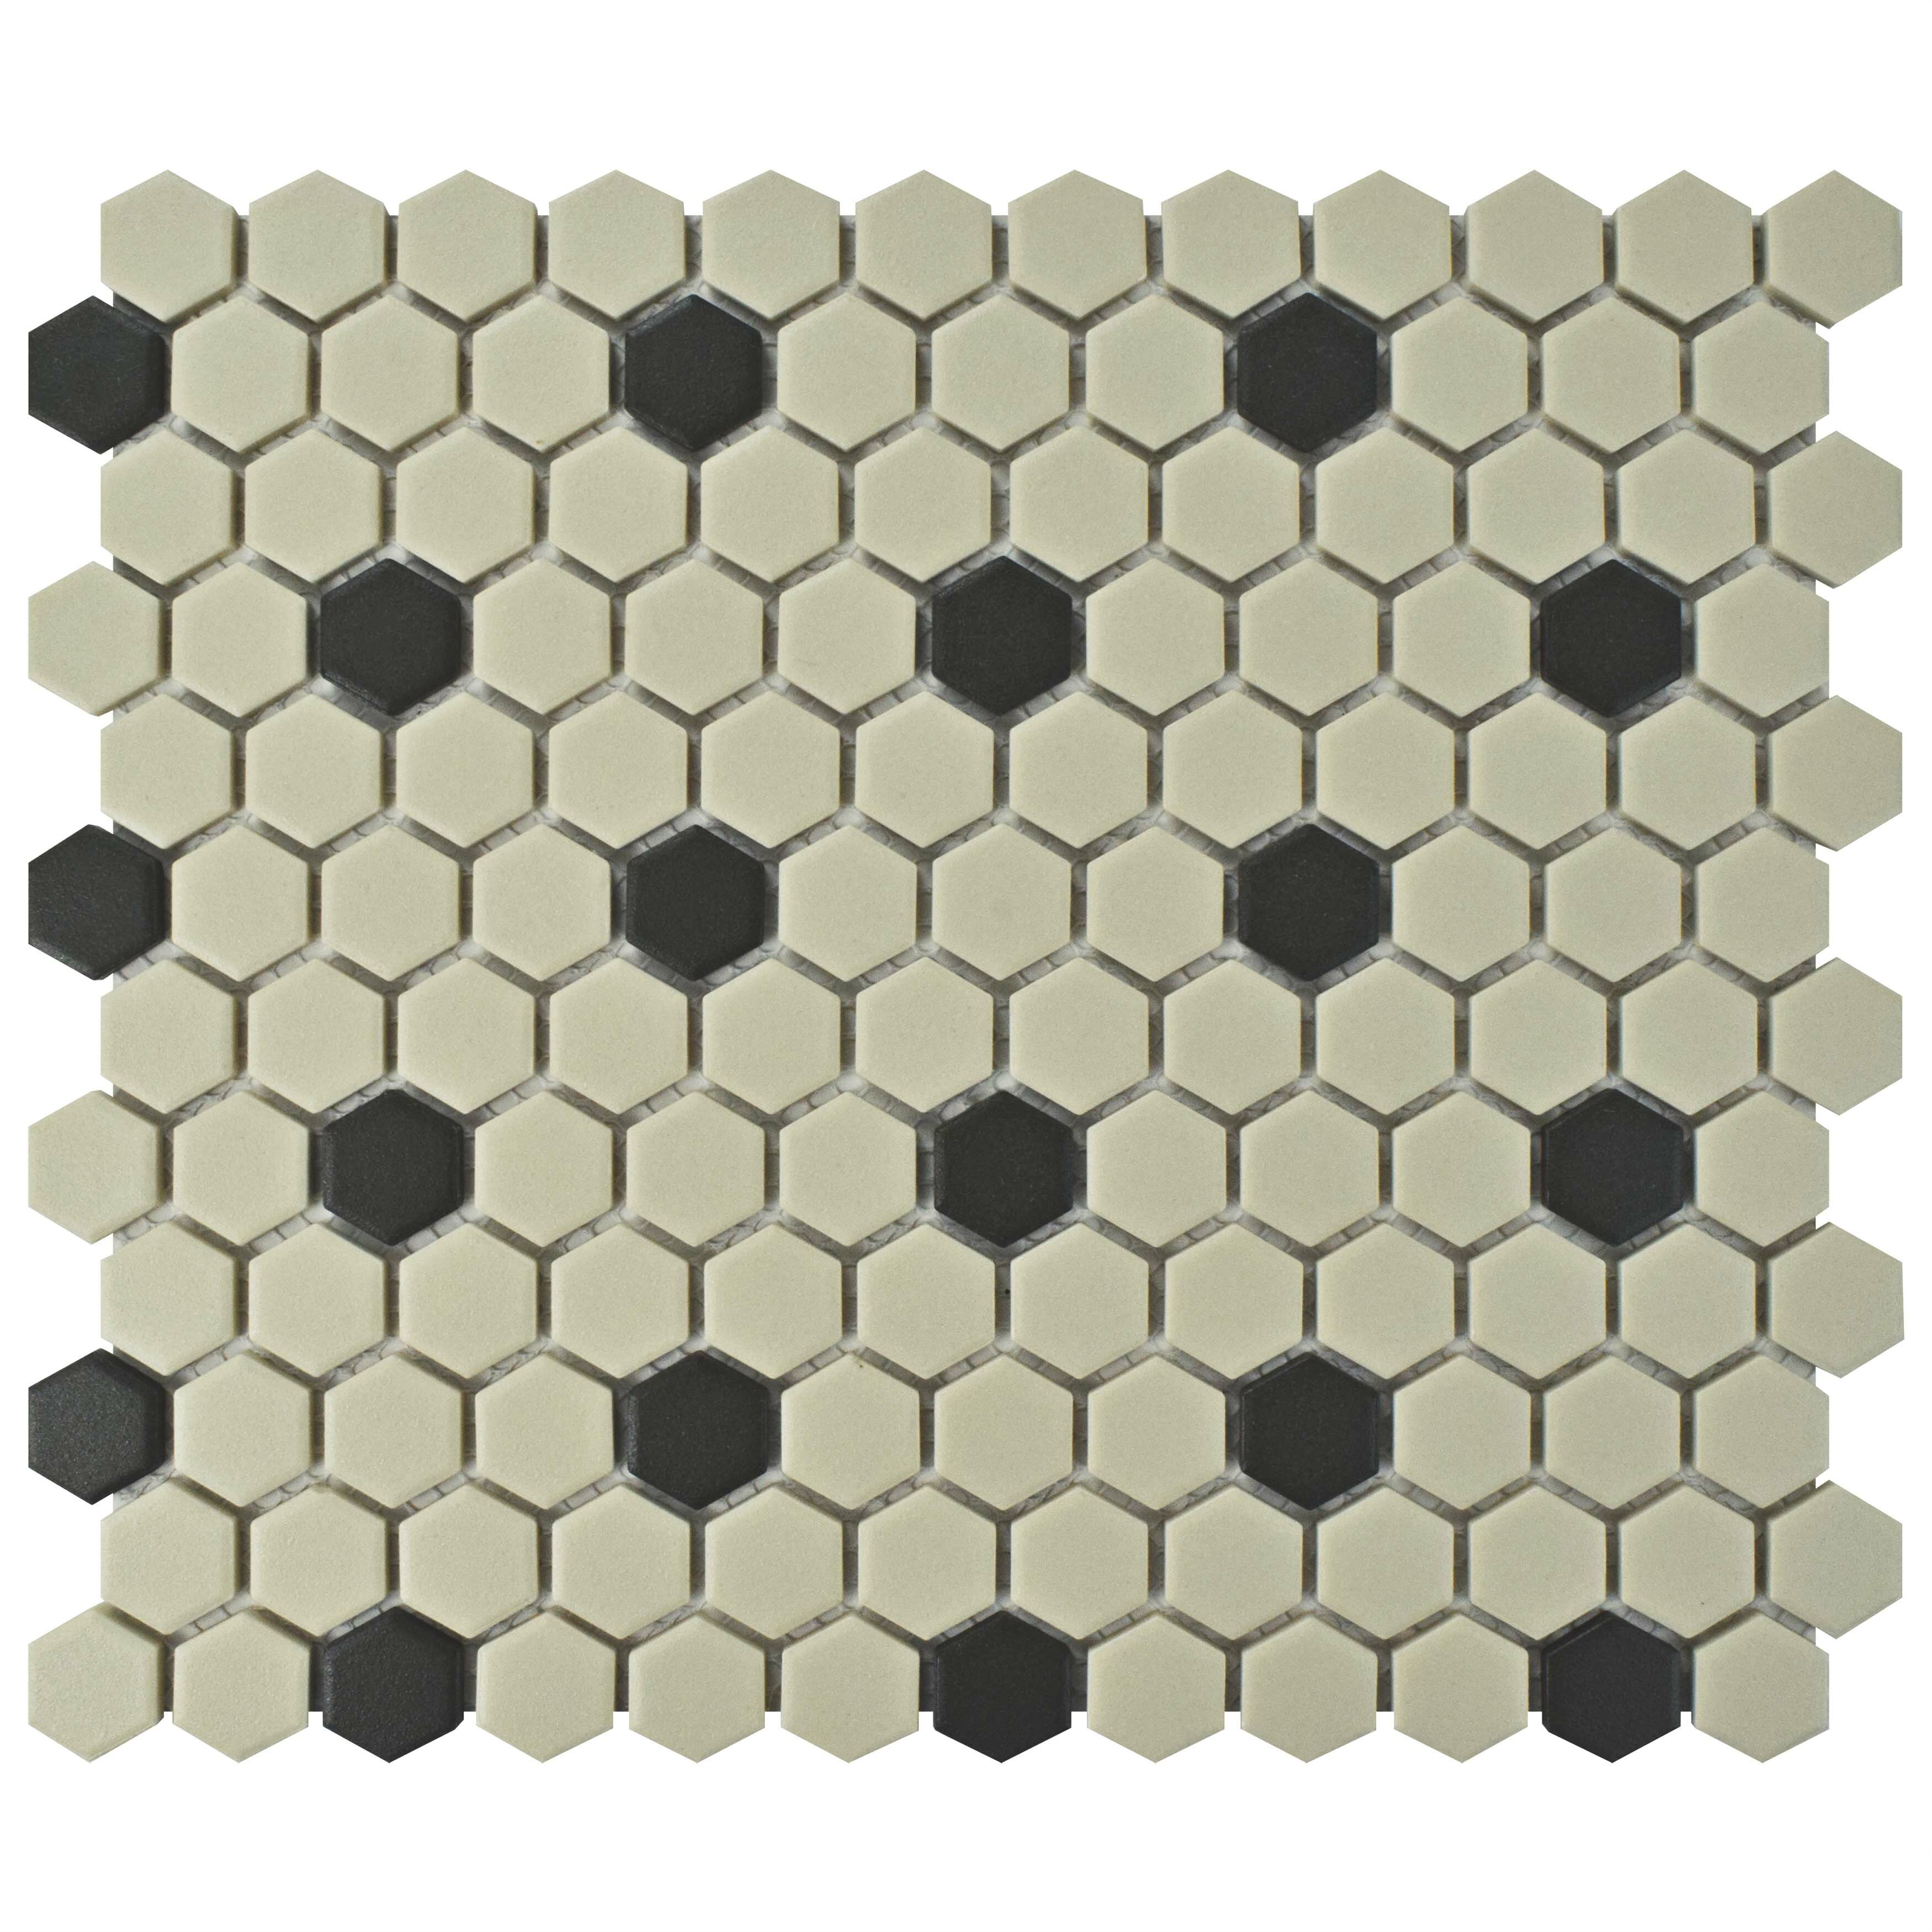 elitetile new york hexagon 0875 x 0875 porcelain unglazed mosaic tile in antique whiteblack reviews wayfair - Antique Floor Tiles